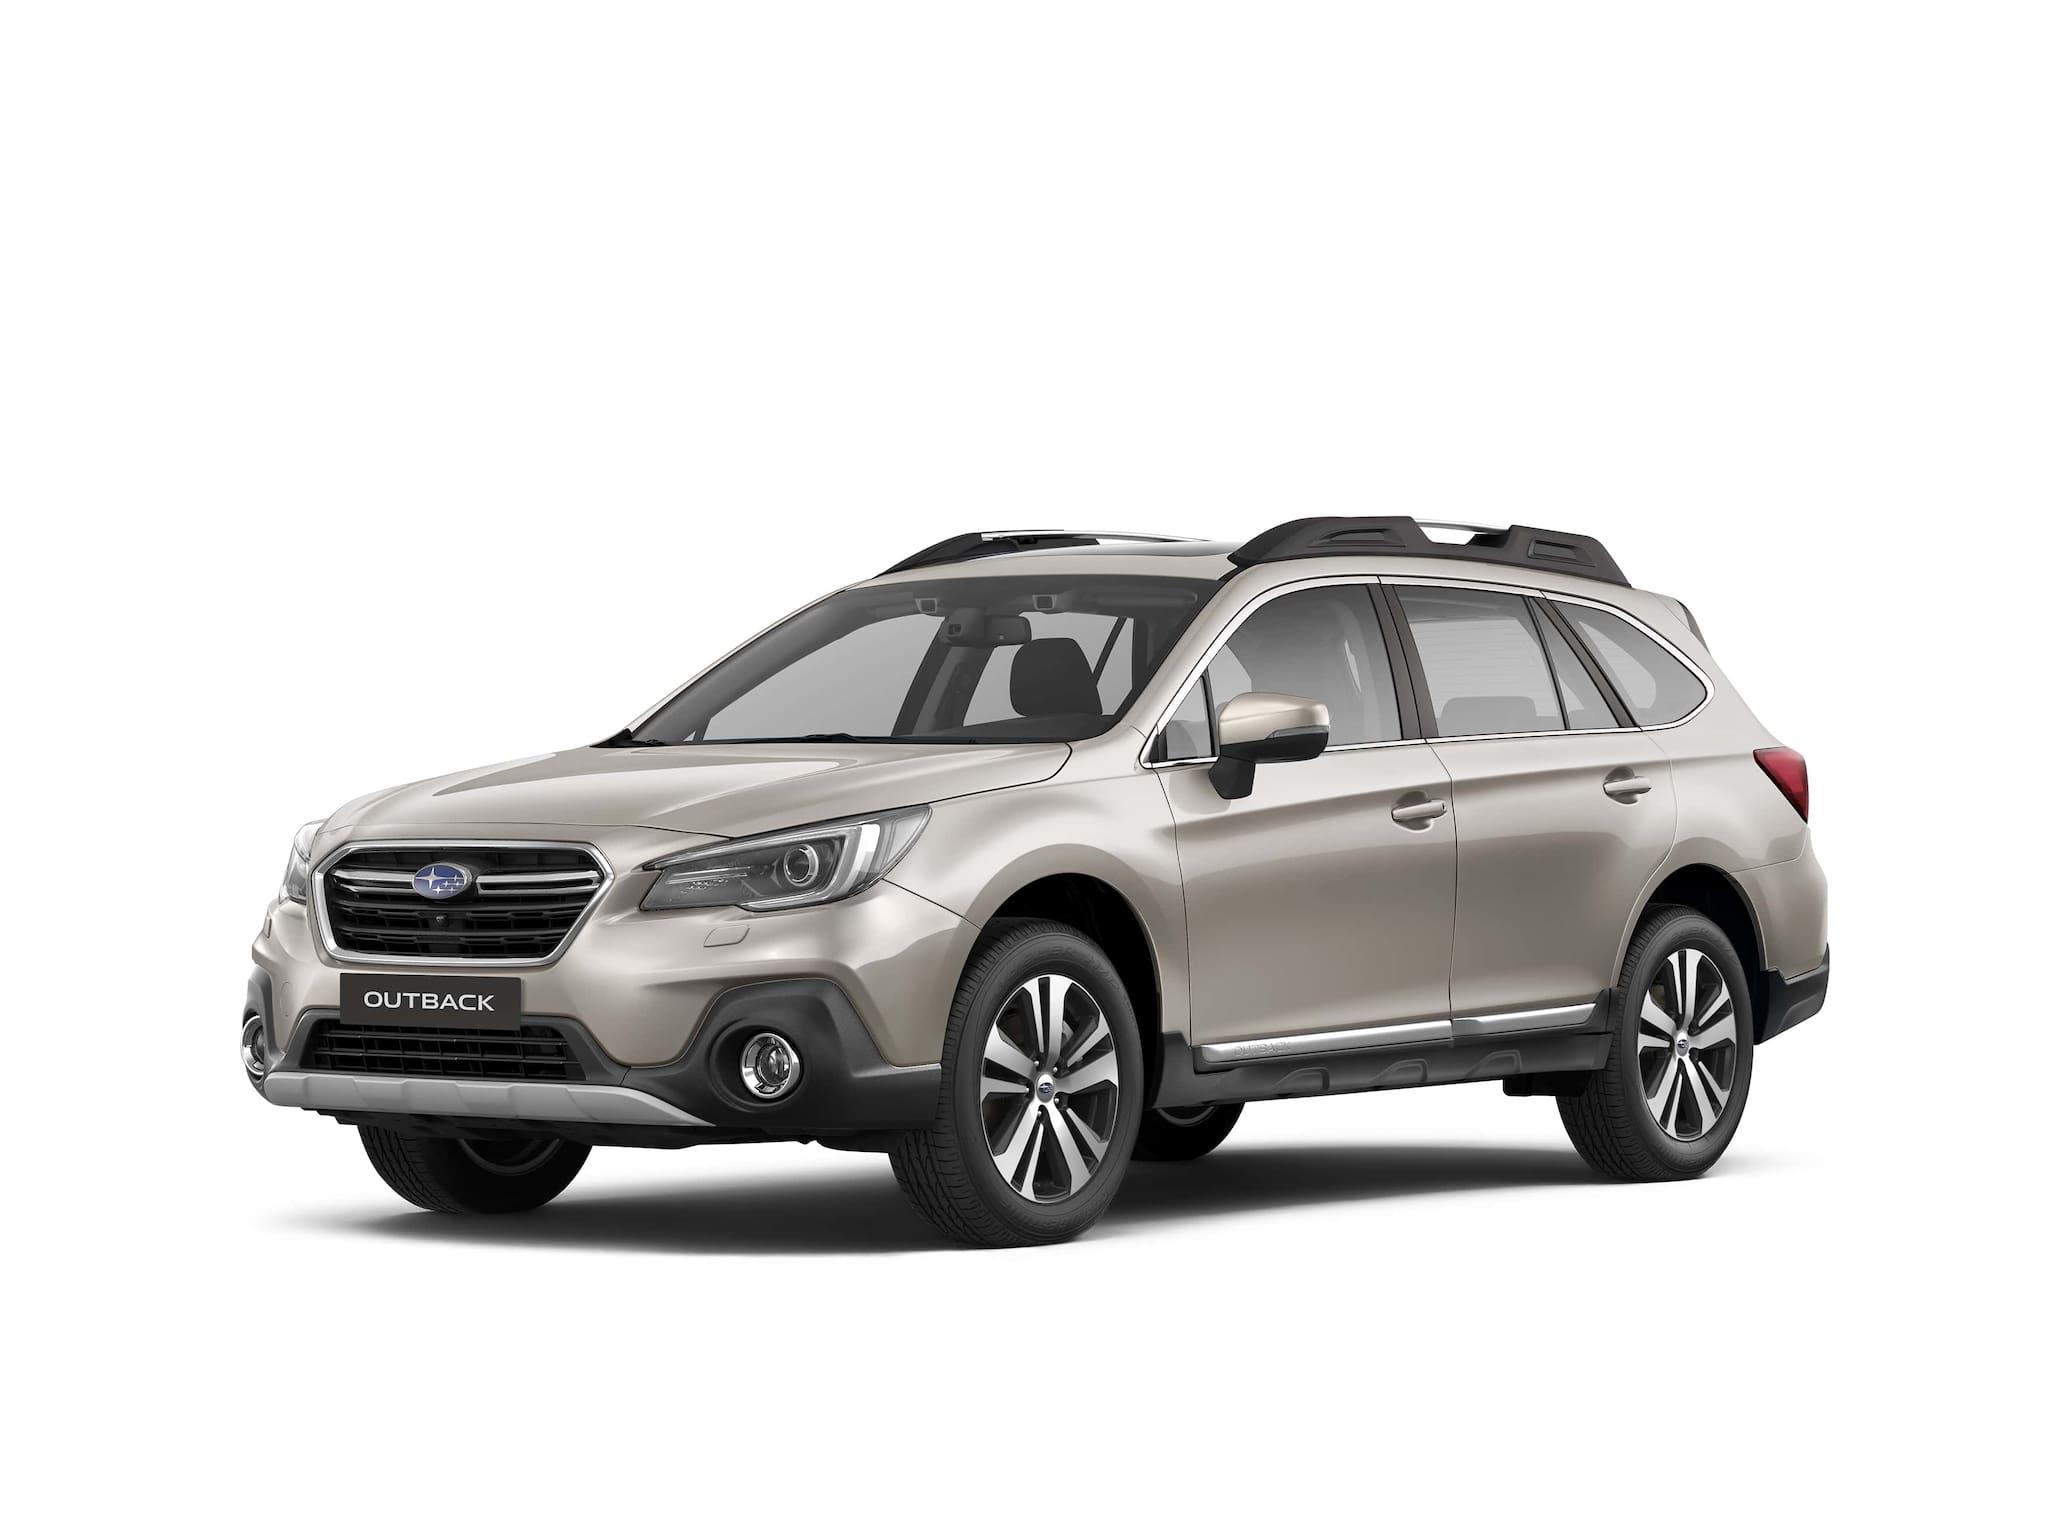 Subaru PH Has Hot Deals to Warm You Up This Rainy Season